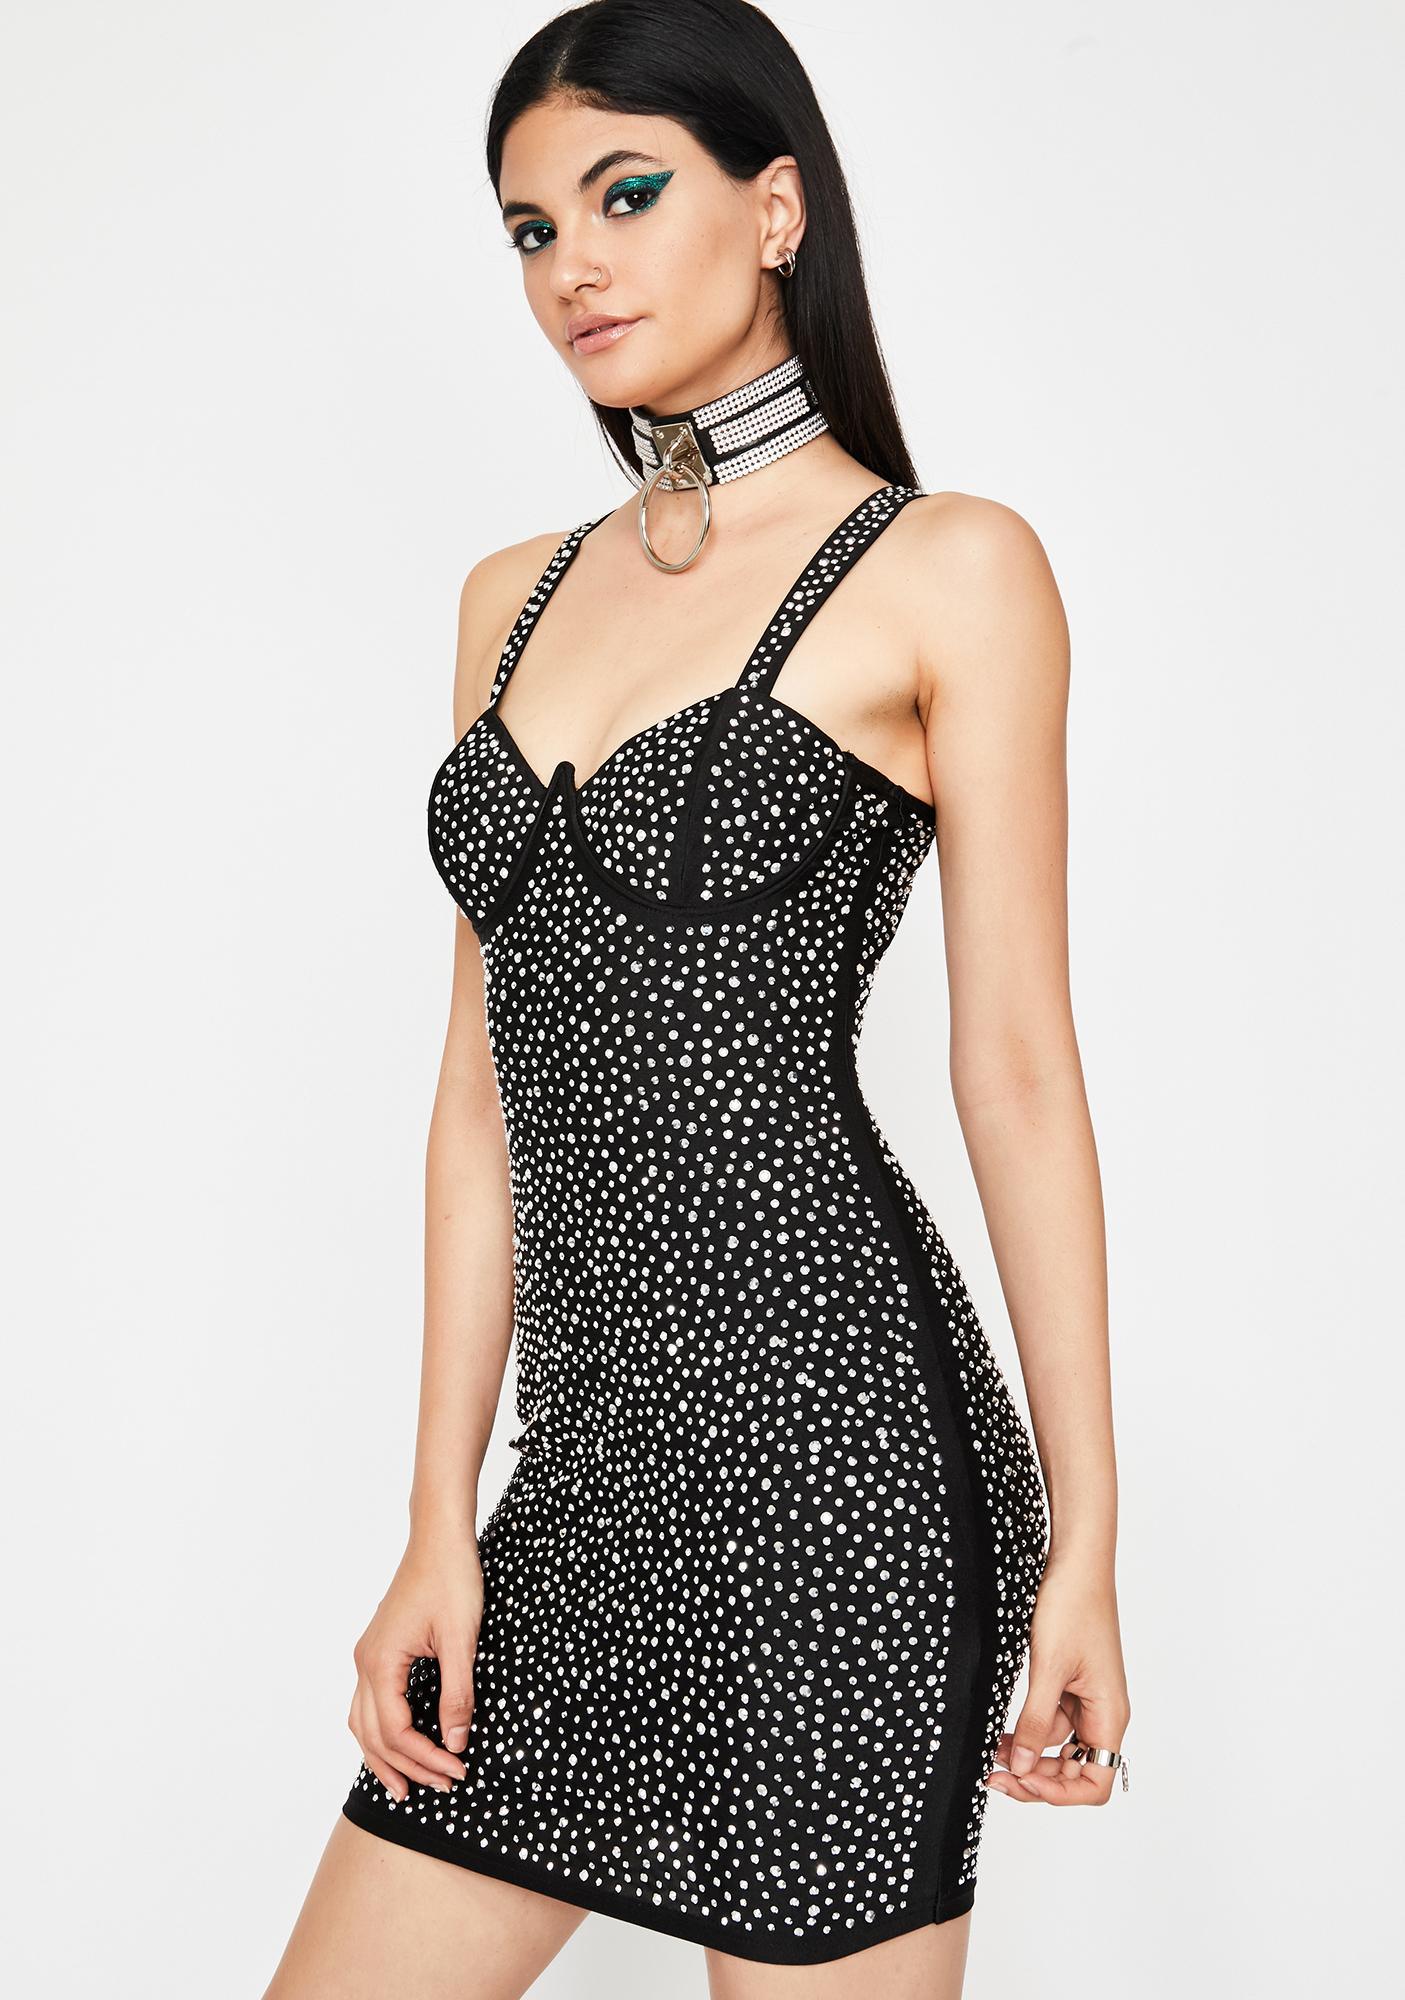 Fab Flare Rhinestone Dress